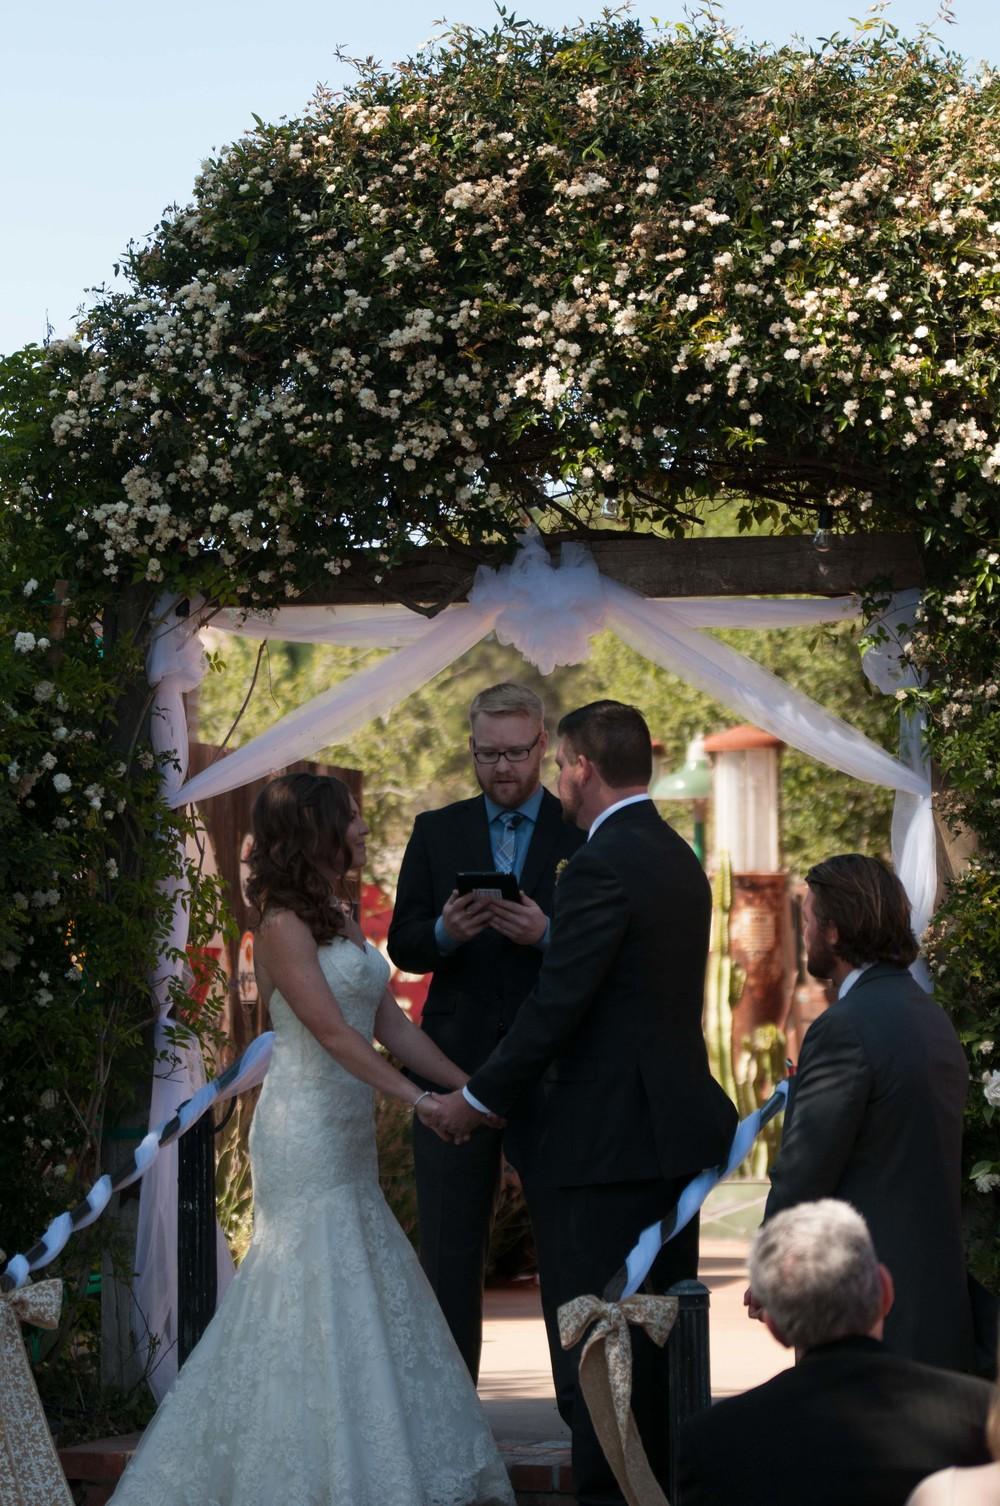 Edwards Barn Wedding-San Luis Obispo Wedding Photographer (57 of 77).jpg